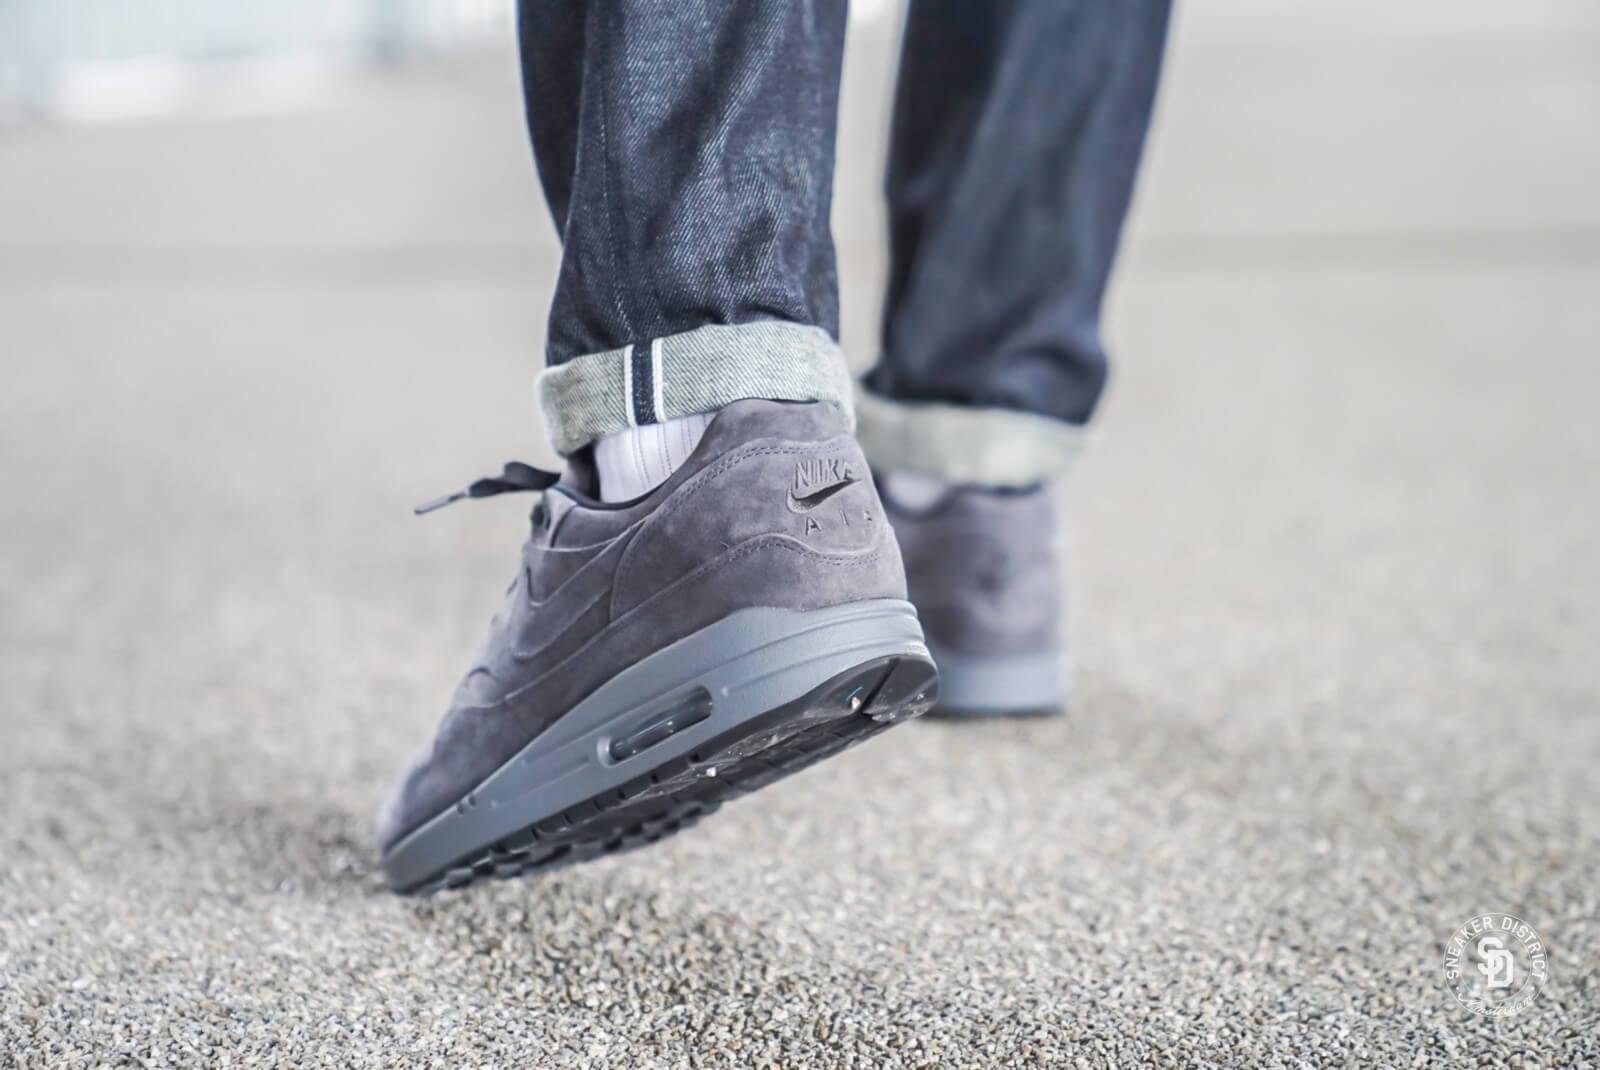 Nike Air Max 1 Premium Anthracite/Black